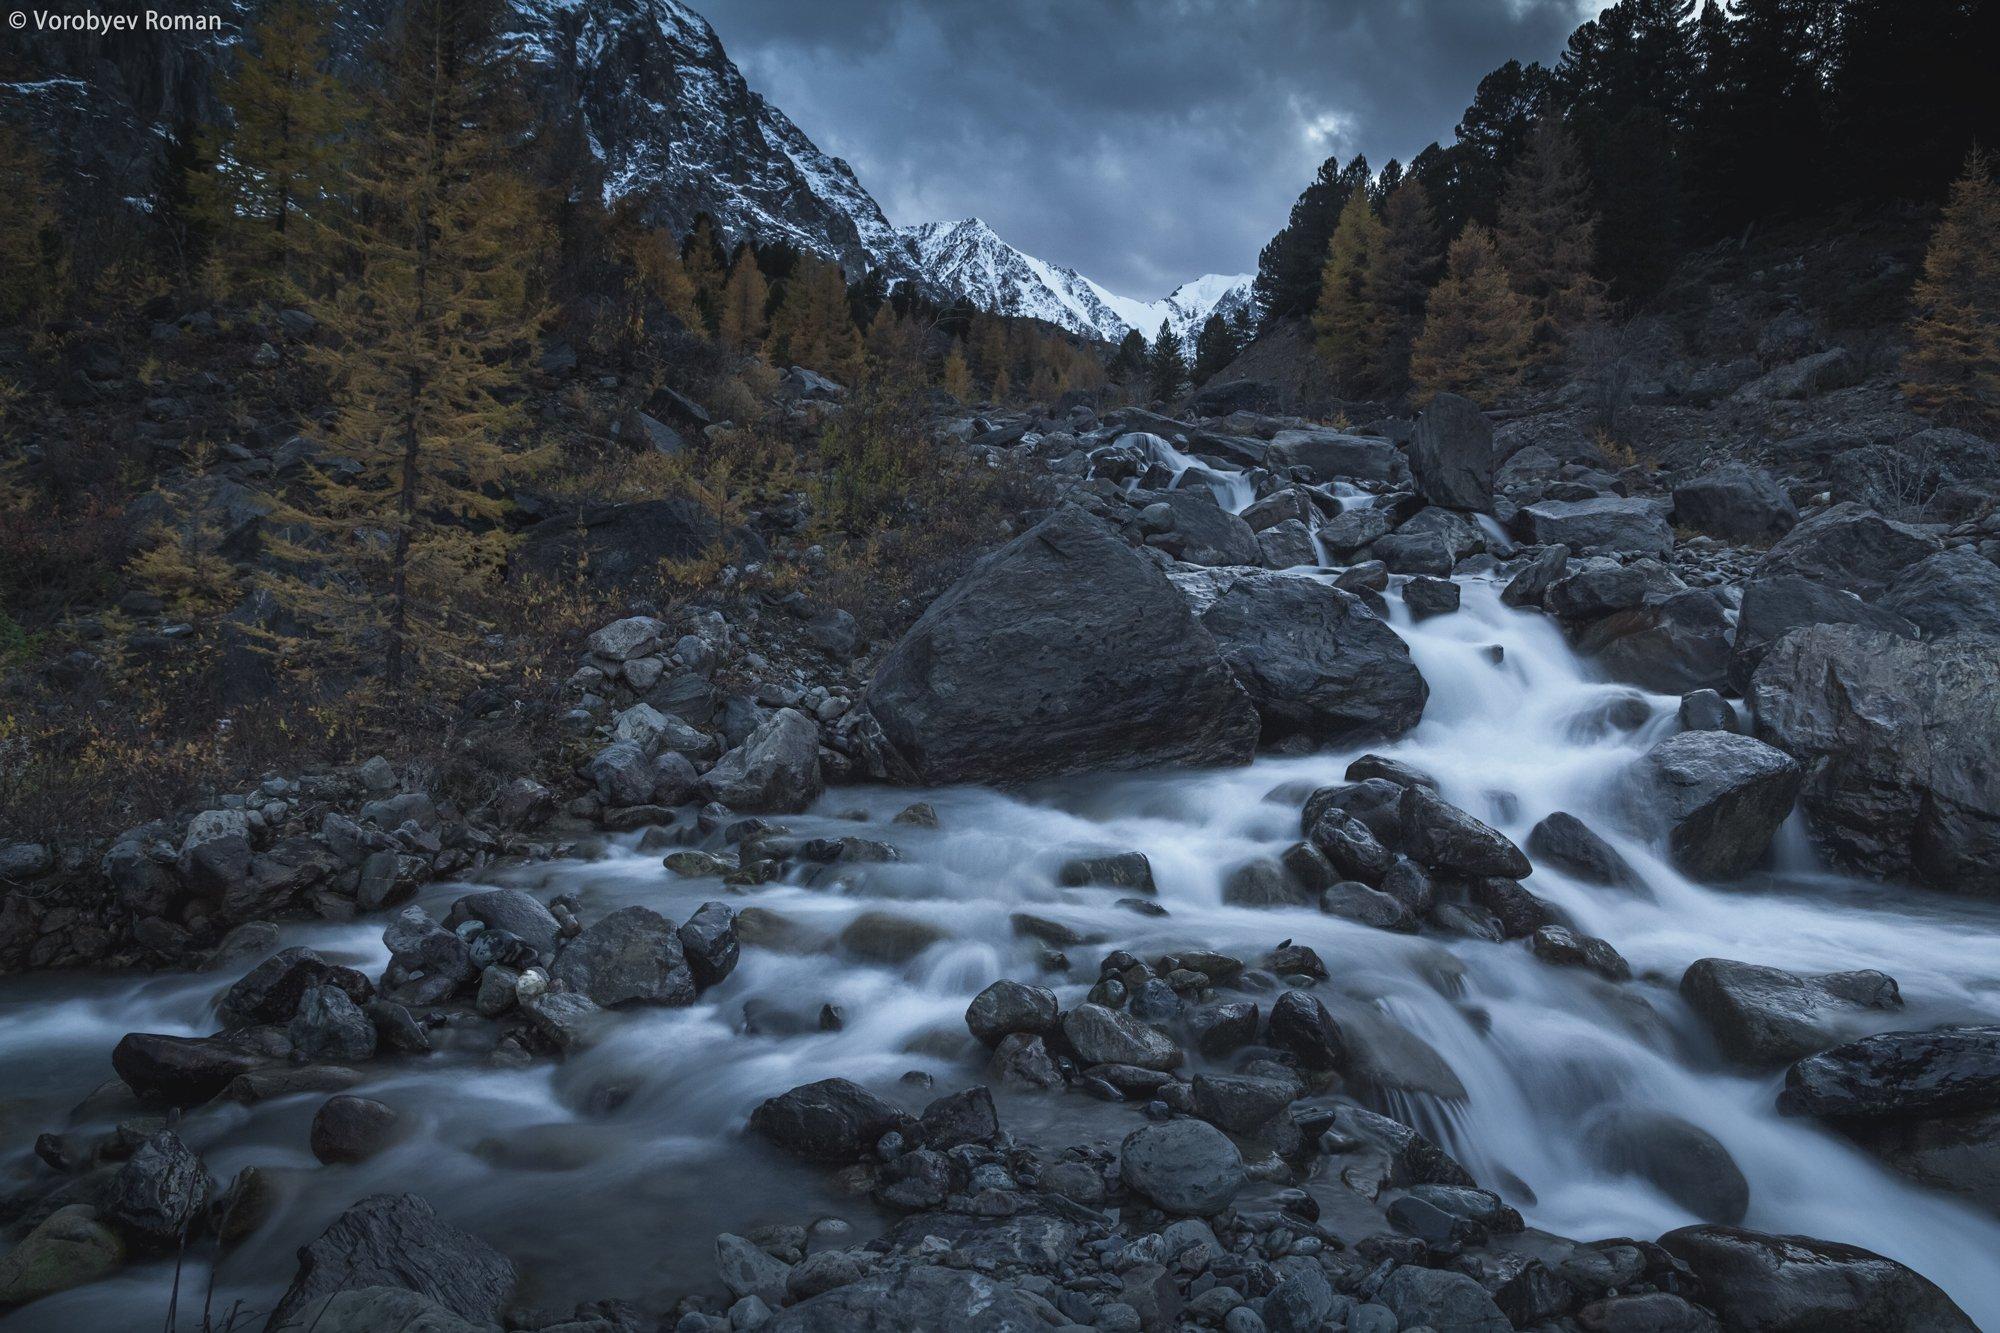 алтай, горы, горный алтай, осень. сентябрь, Roman Vorobyev